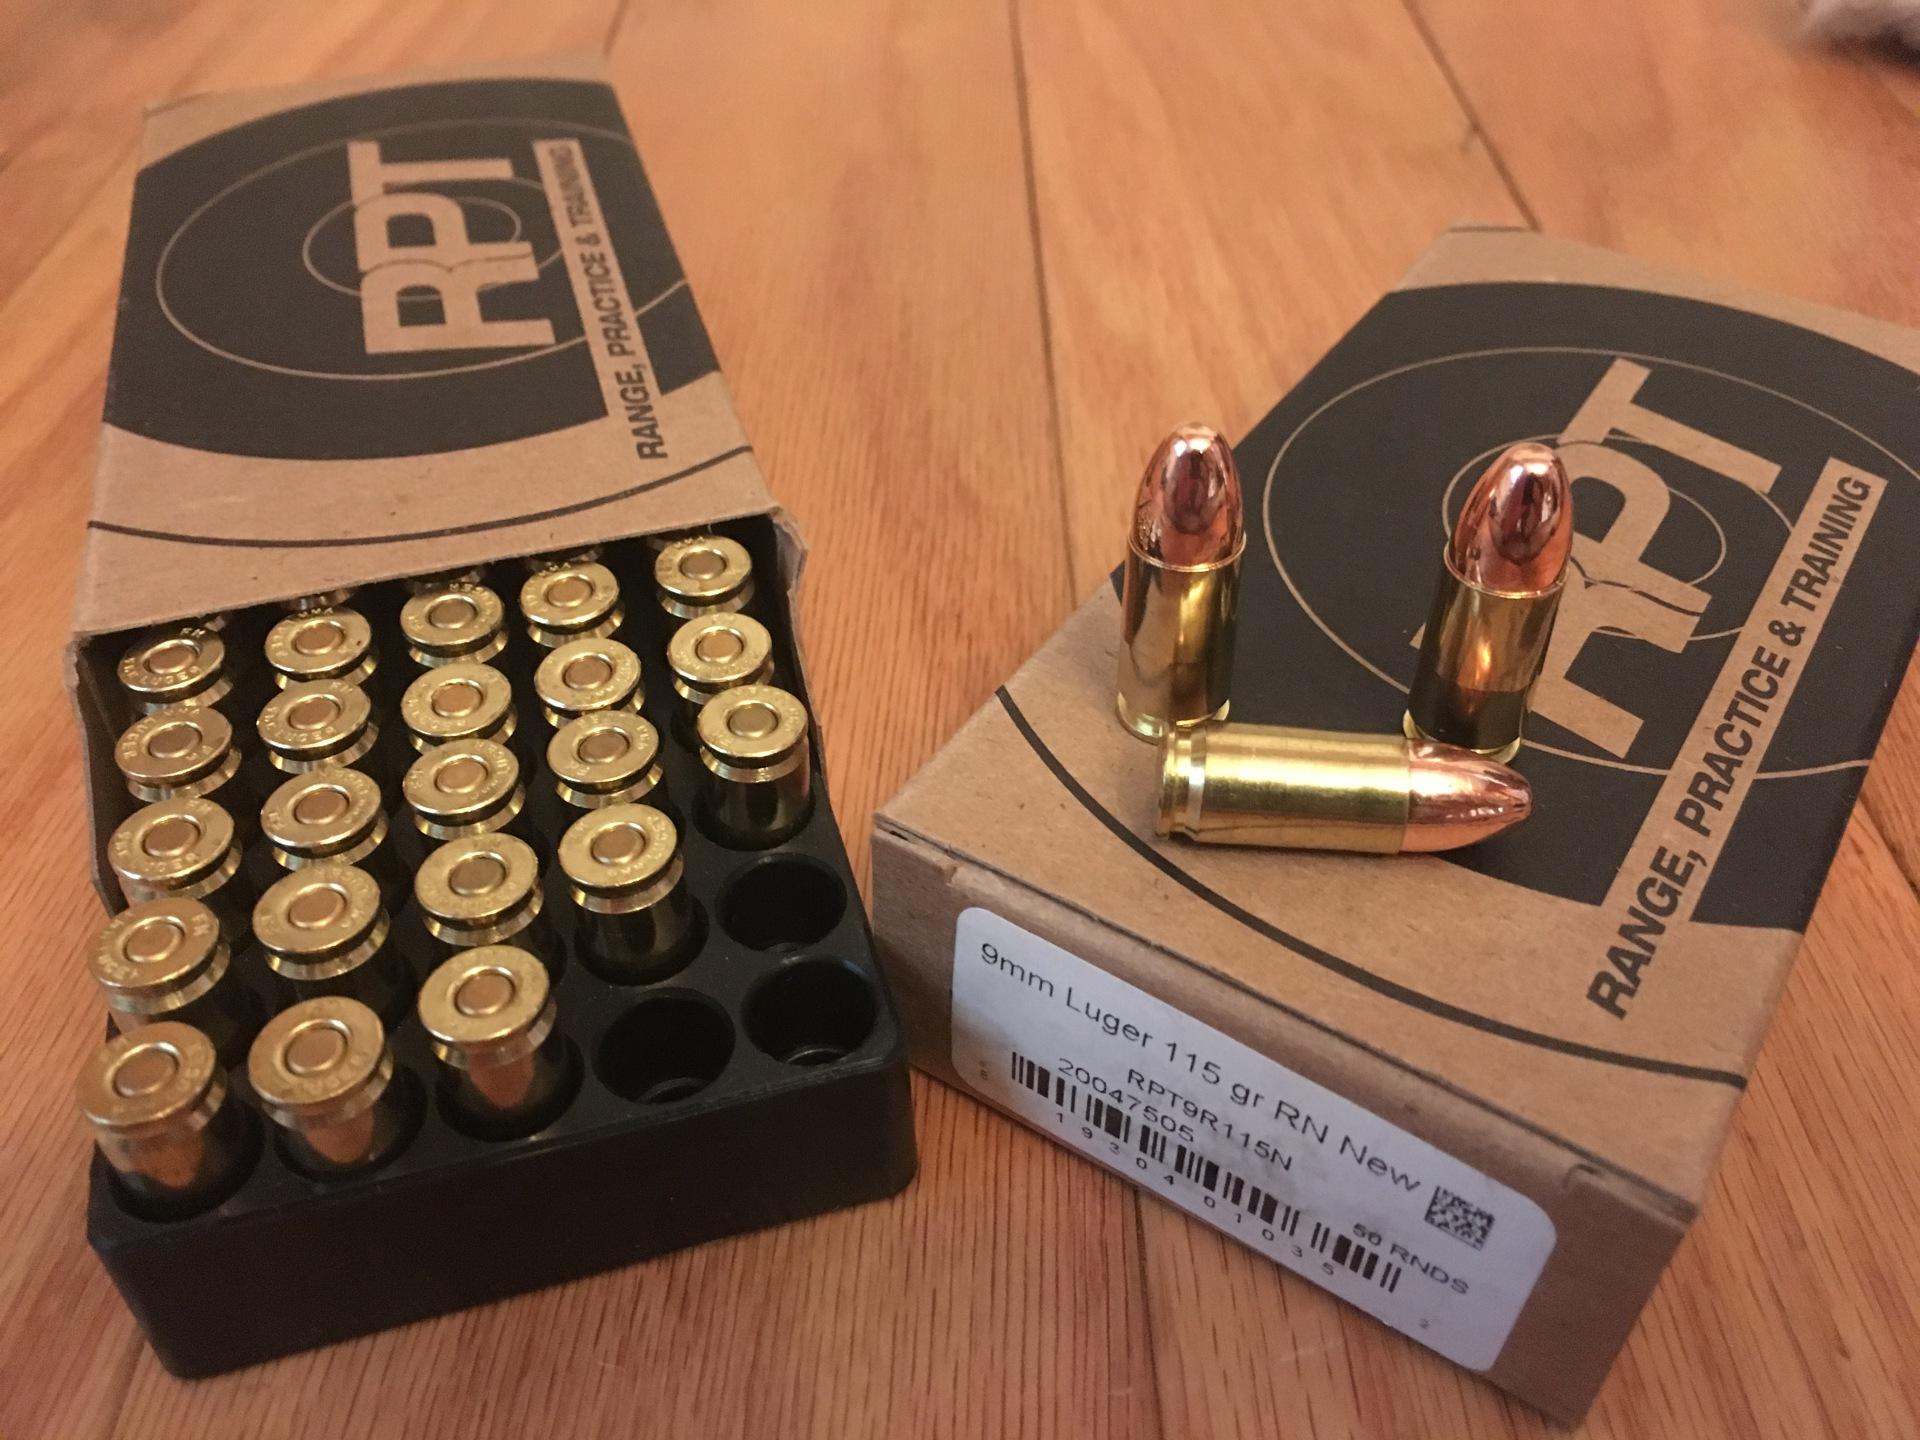 9mm Luger.